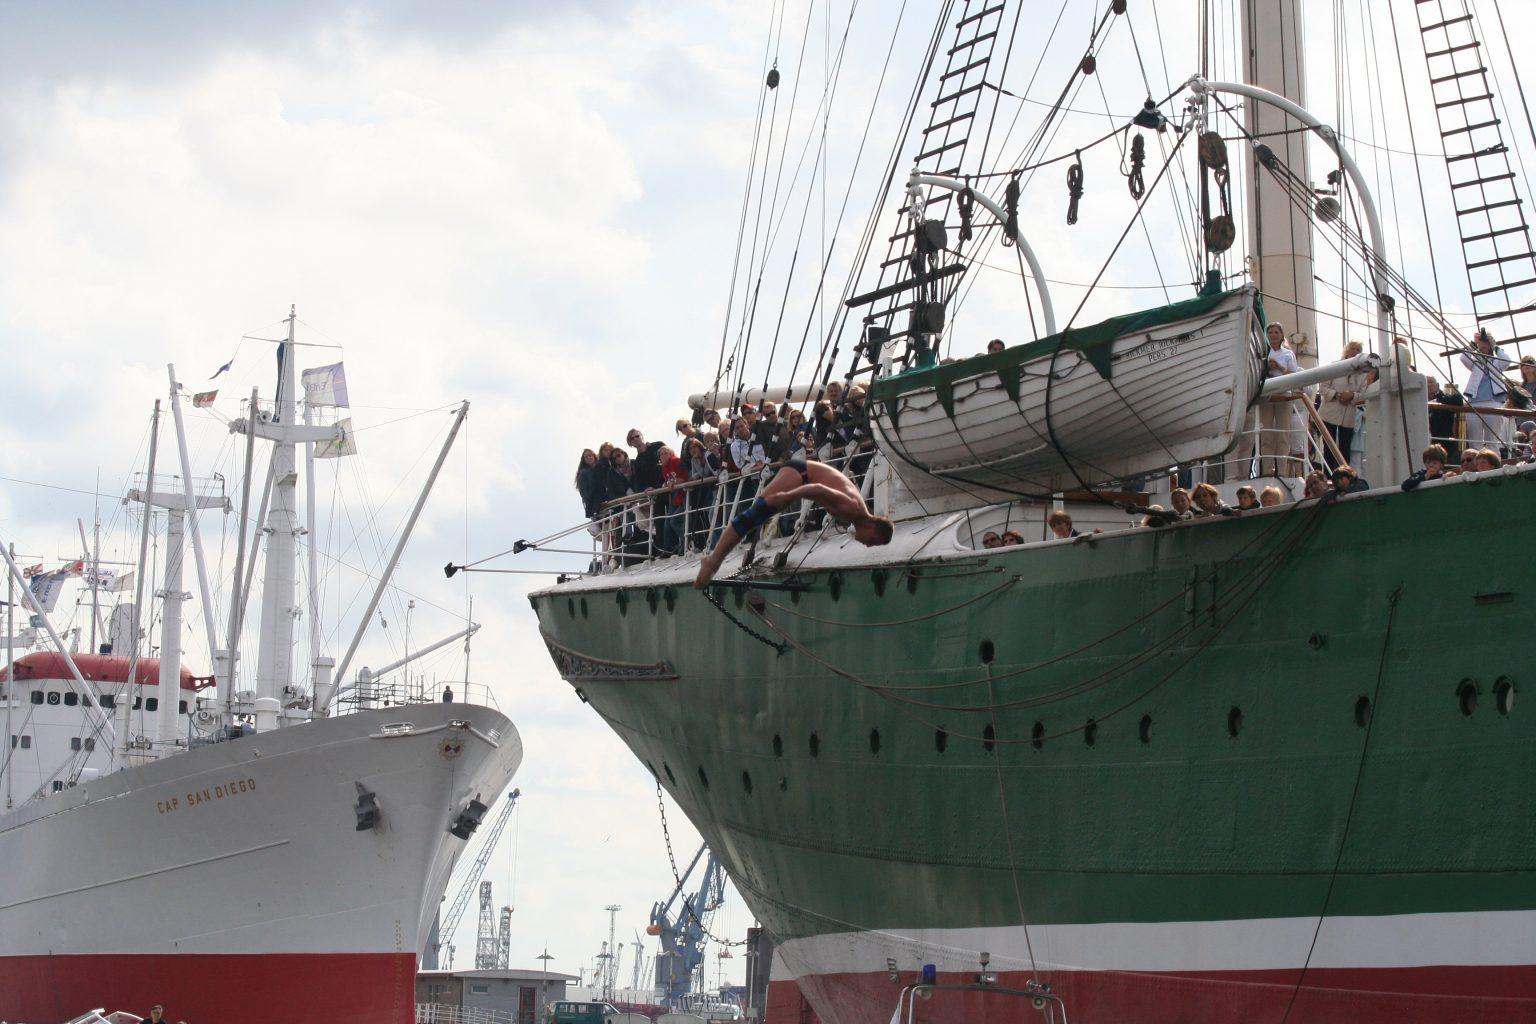 Cliff Diving: Hambuger sahen im Hafen den schwersten Sprung der Welt